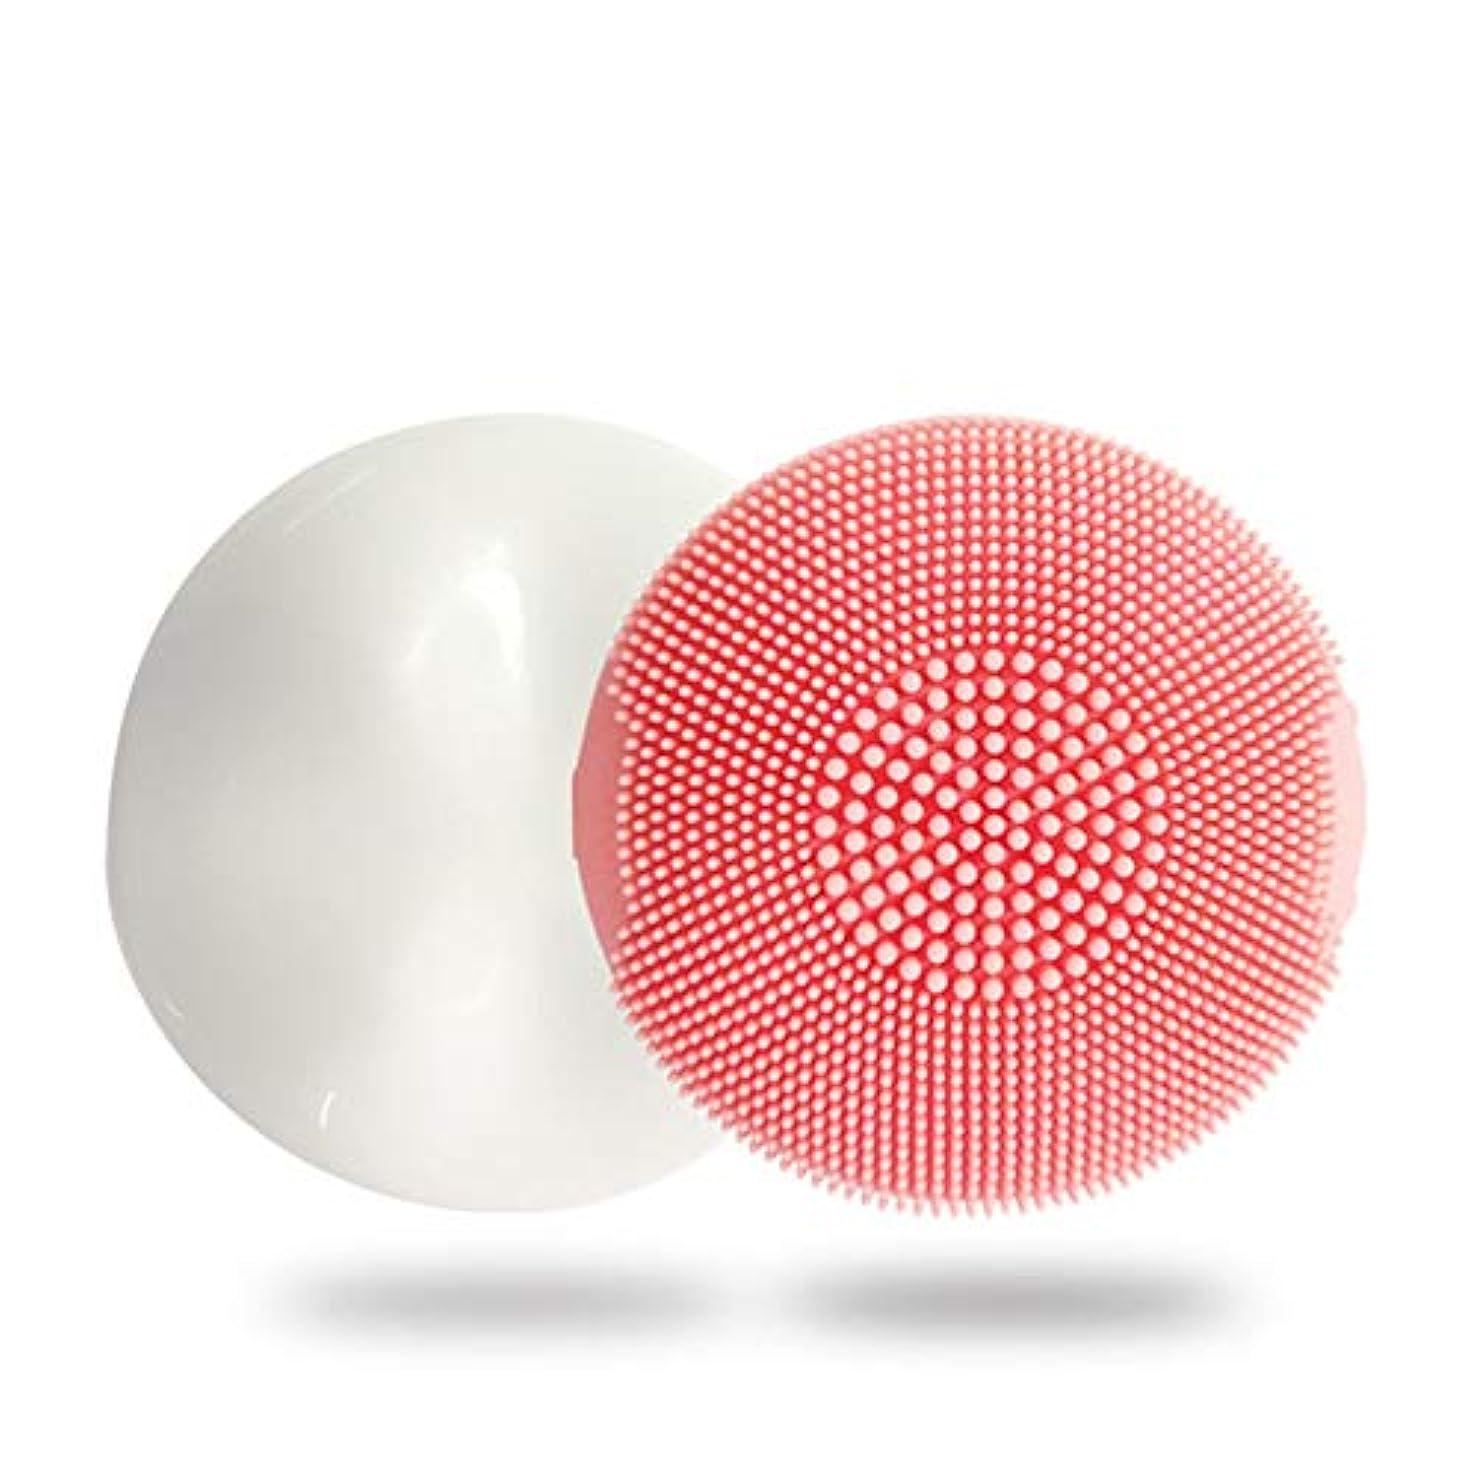 ファーム騒乱微生物ZXF 新電動シリコーンクレンジングブラシディープクリーニングポア防水超音波振動クレンジング楽器マッサージ器具美容器具 滑らかである (色 : Pink)